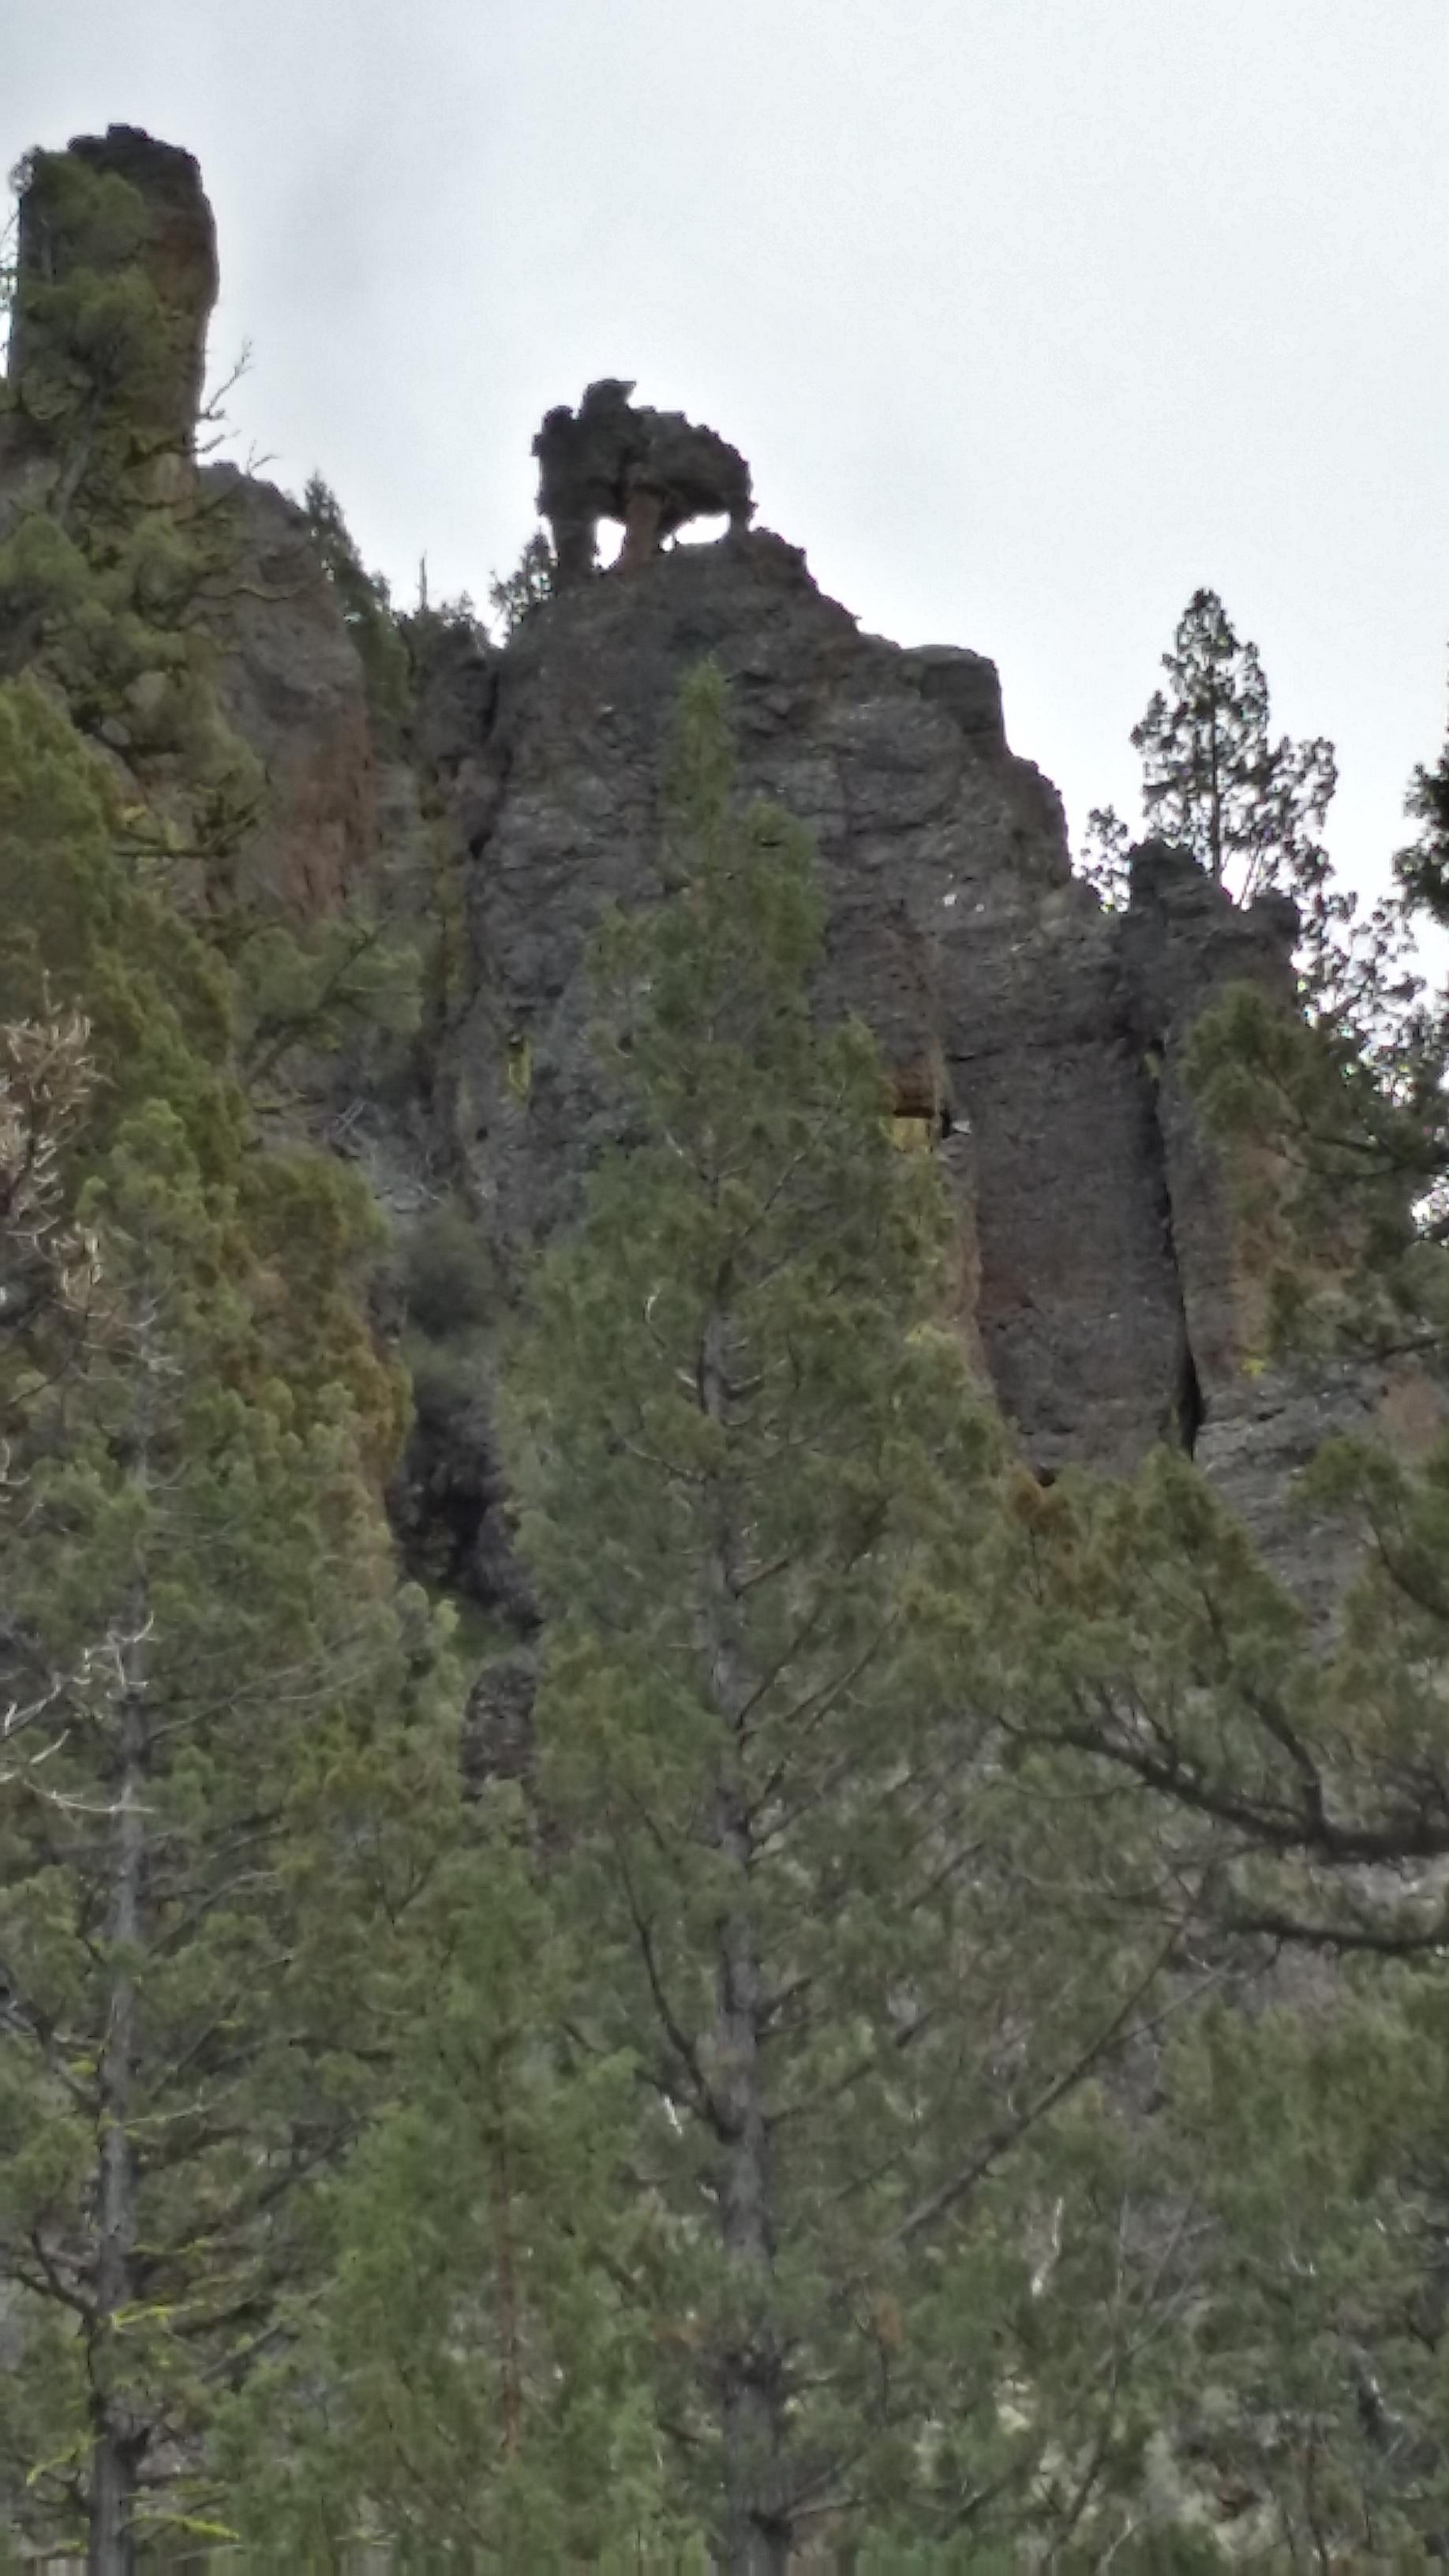 Strange rock formations